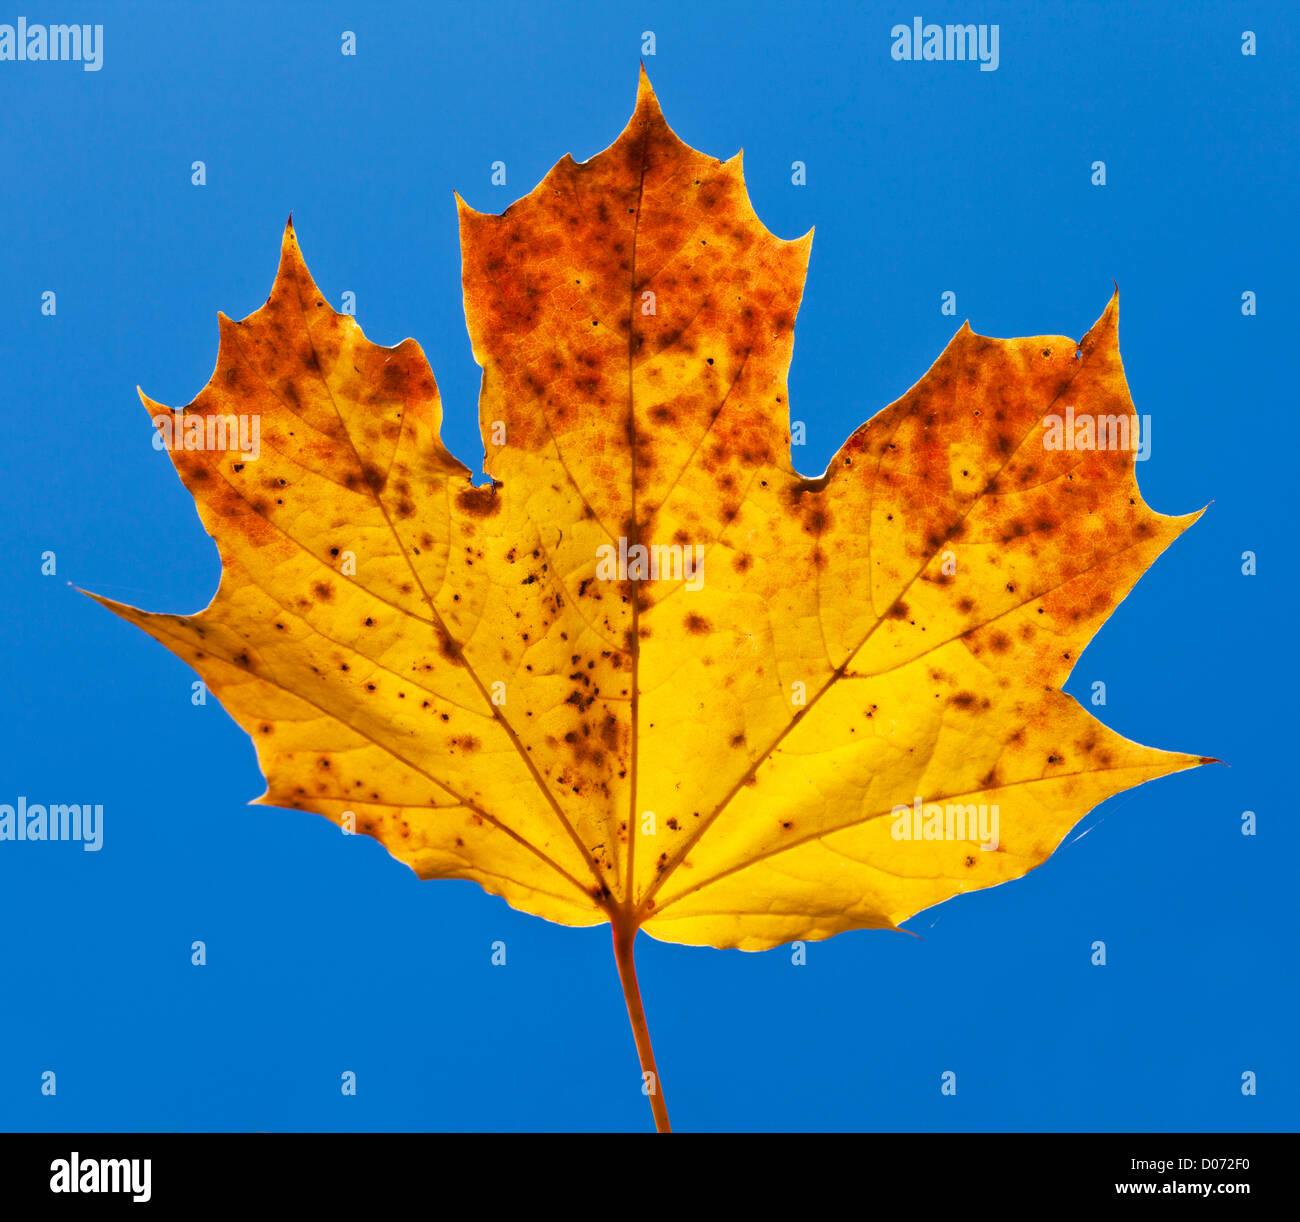 Herbst Ahorn Flügel schließen gegen blauen Himmel Stockbild